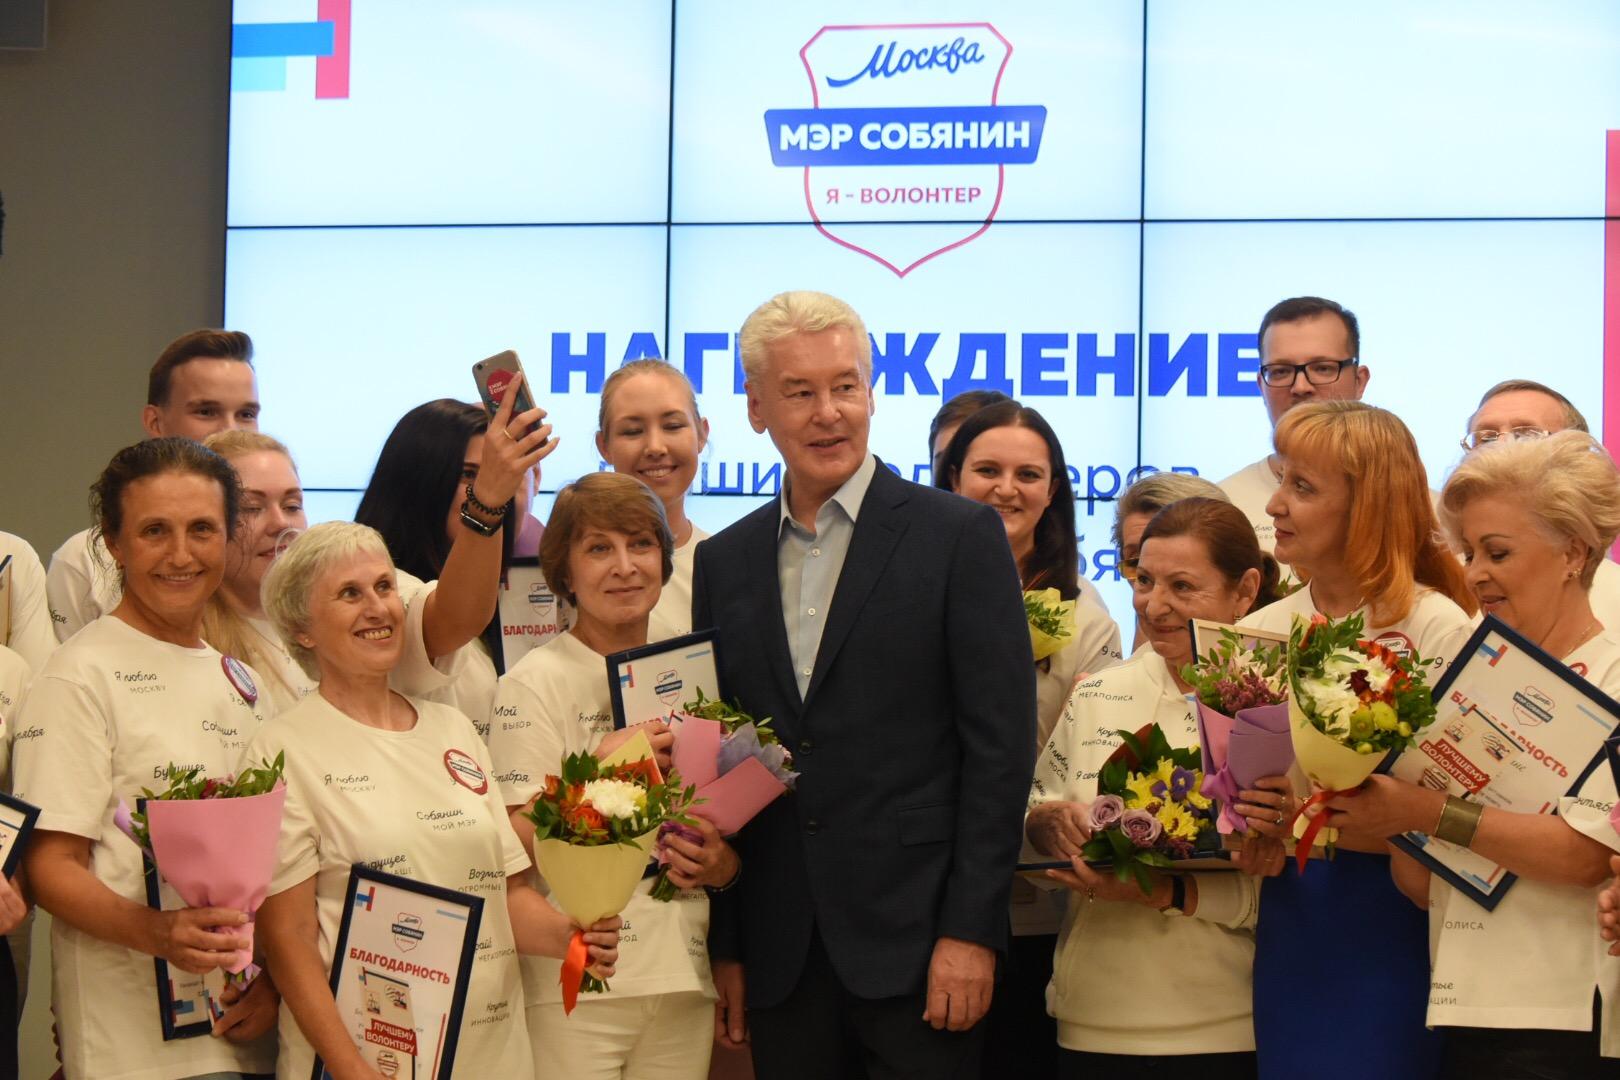 Собянин наградил лучших волонтеров своего избирательного штаба